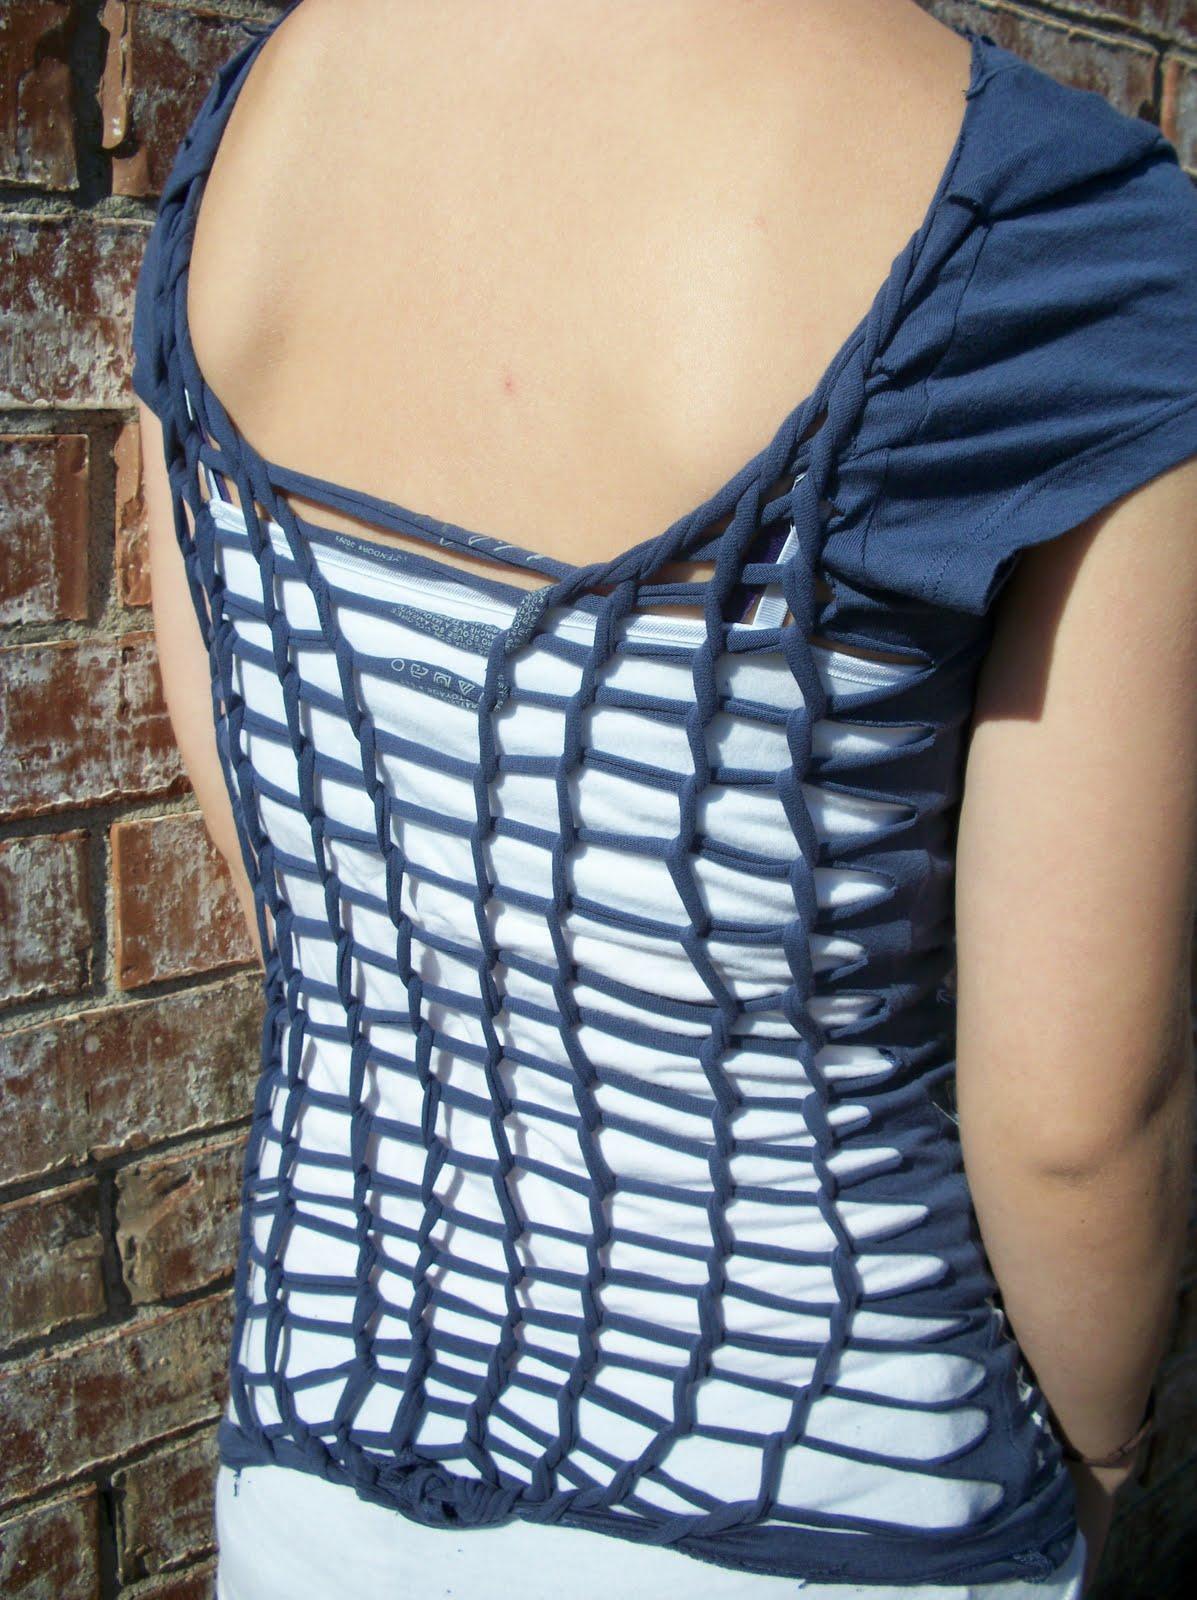 http://1.bp.blogspot.com/_apfF2E3ISIc/TNhMakuAYXI/AAAAAAAAABU/blwYkA8XPIk/s1600/Sarah%27s+shirts+023.jpg